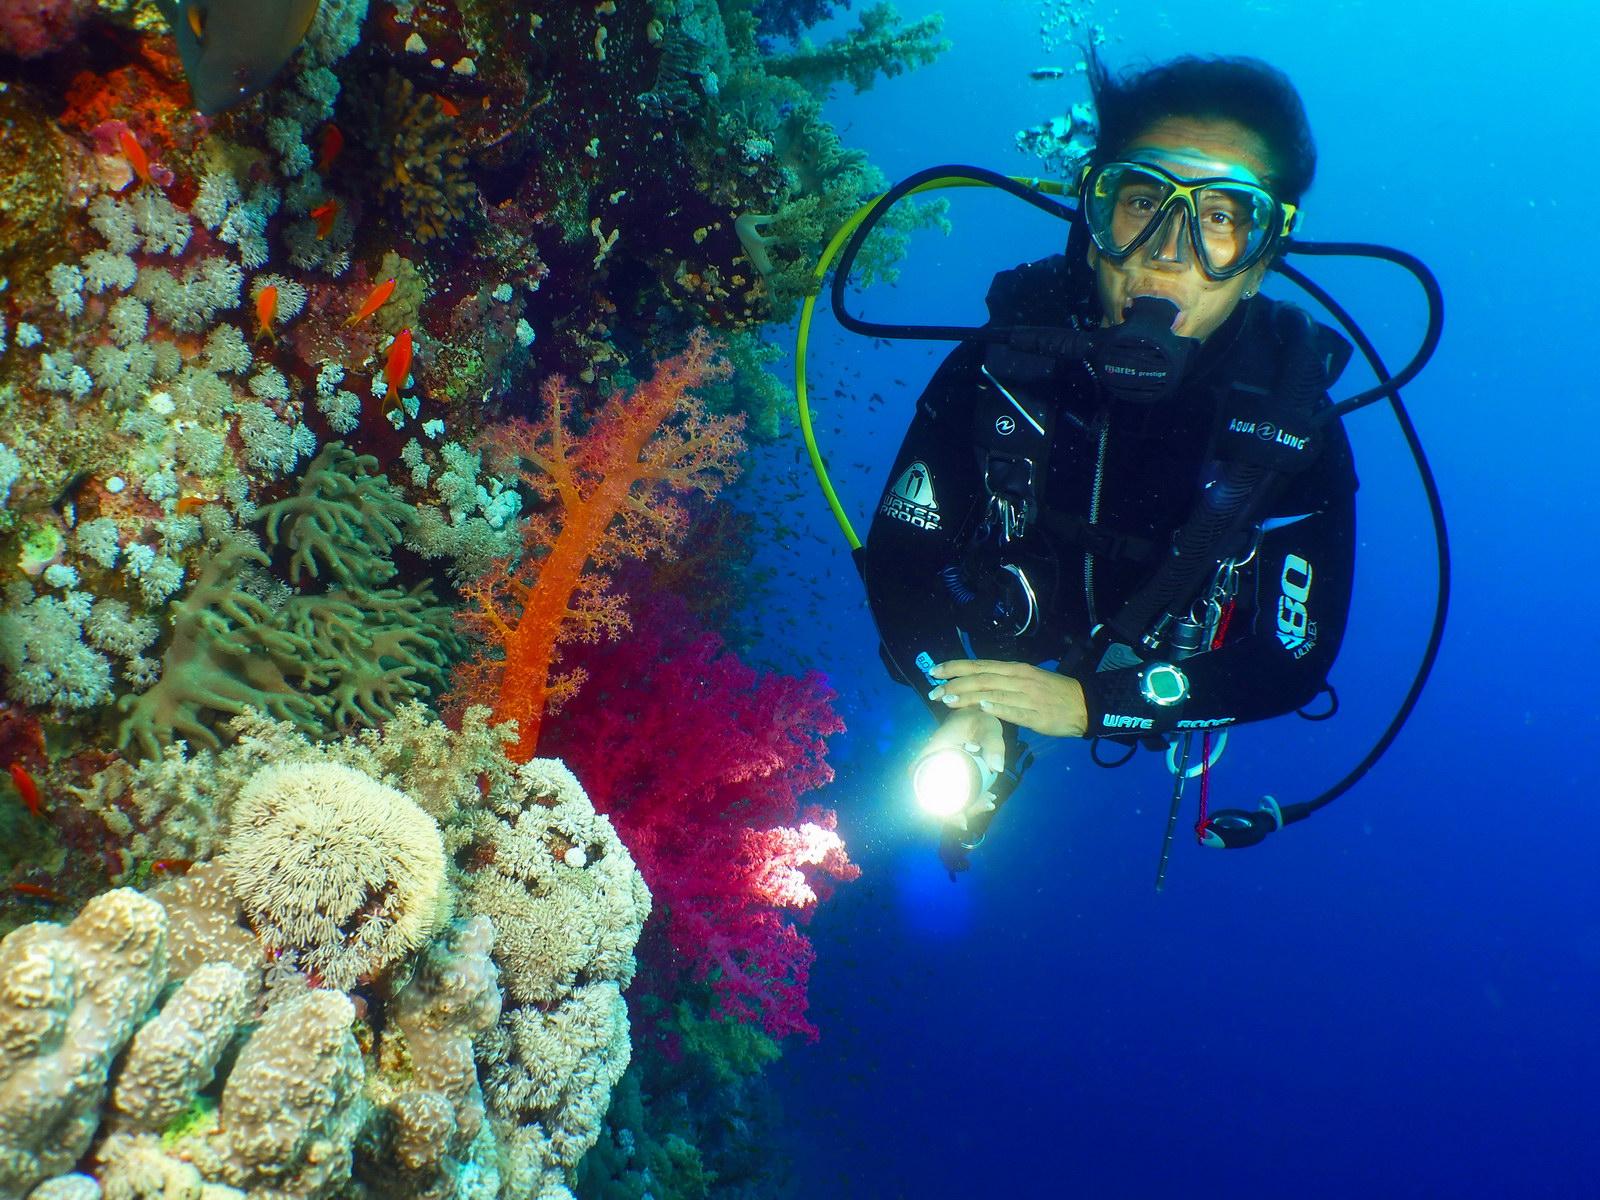 Ziel des Tauchkurs: Tauchgang im Meer